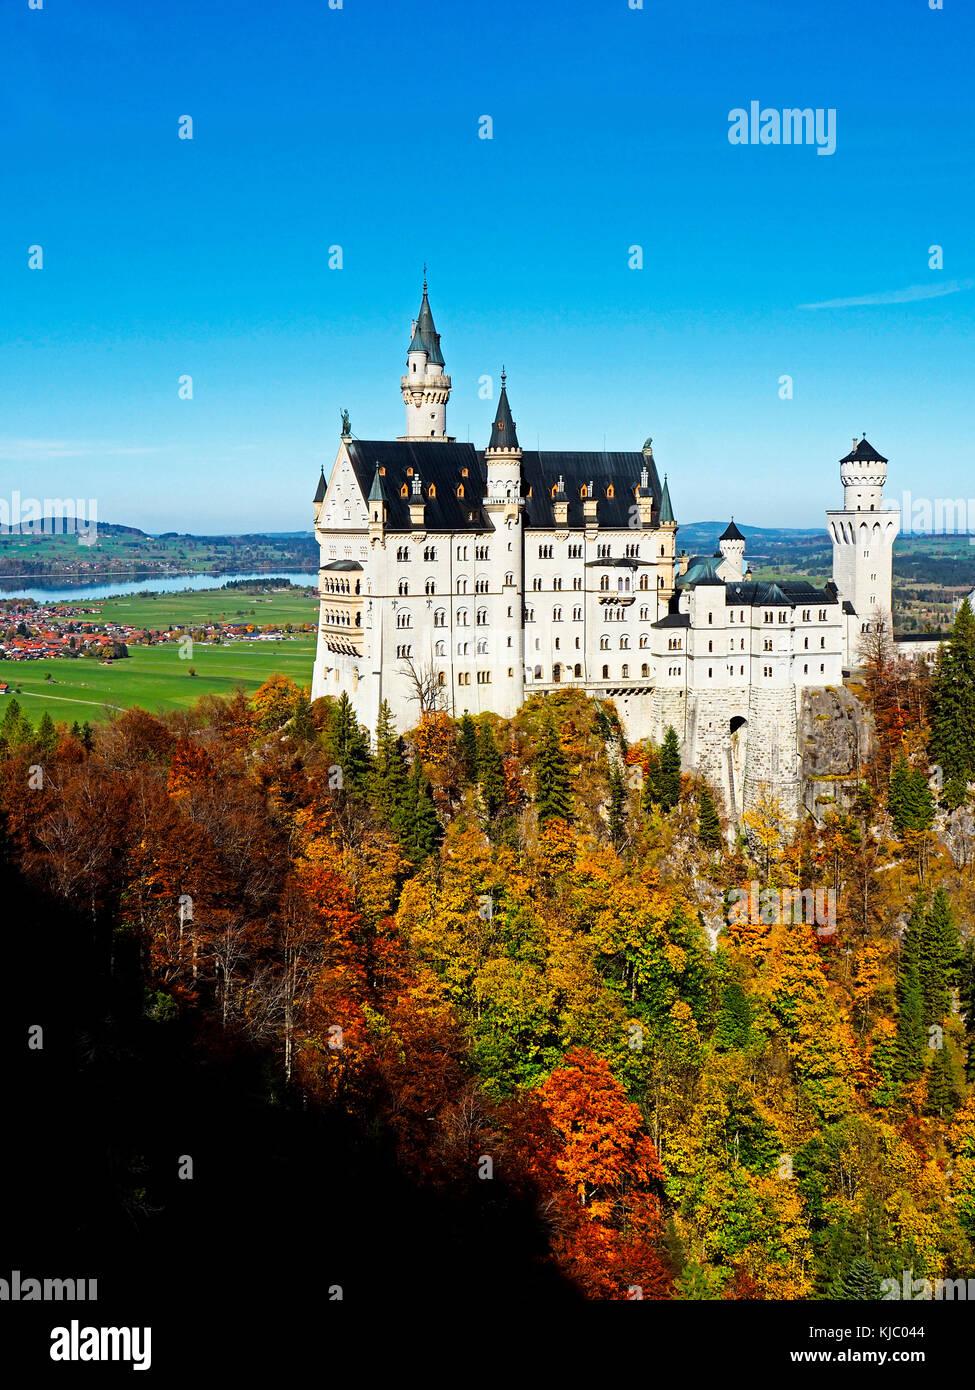 Mad King Ludwig's château de Neuschwanstein en Bavière, Allemagne. Photo Stock